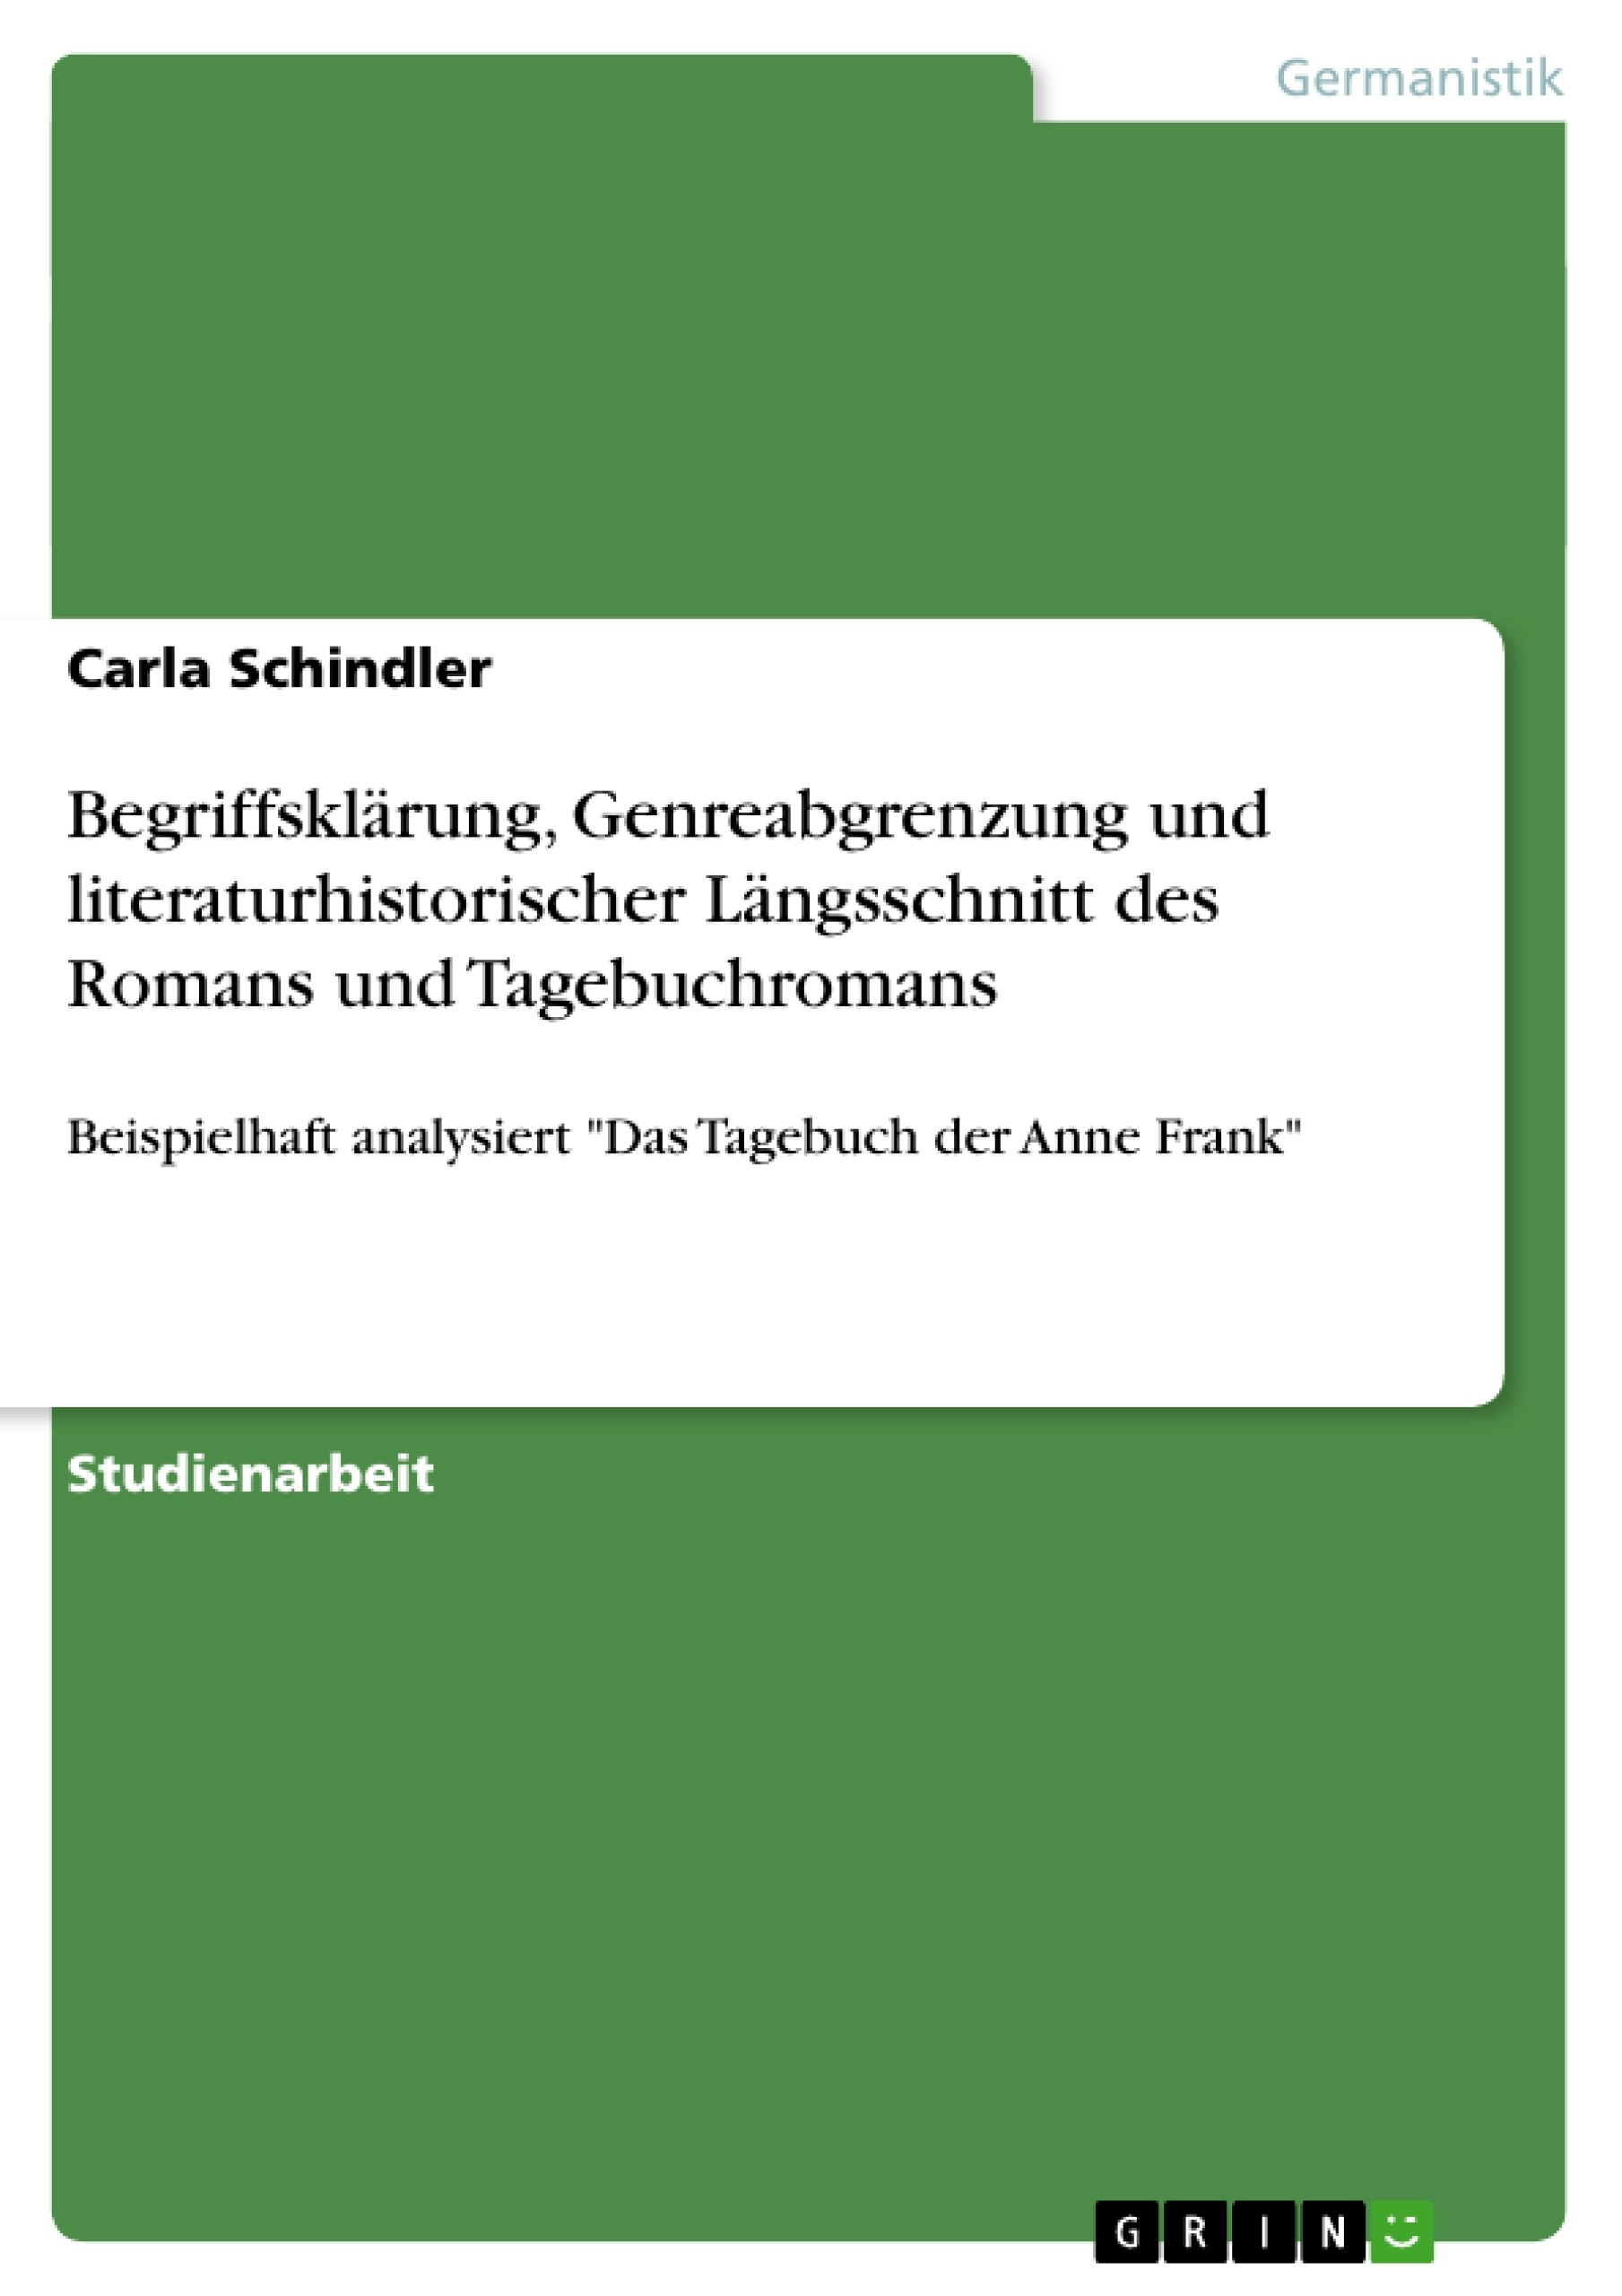 Titel: Begriffsklärung, Genreabgrenzung  und literaturhistorischer Längsschnitt des Romans und Tagebuchromans